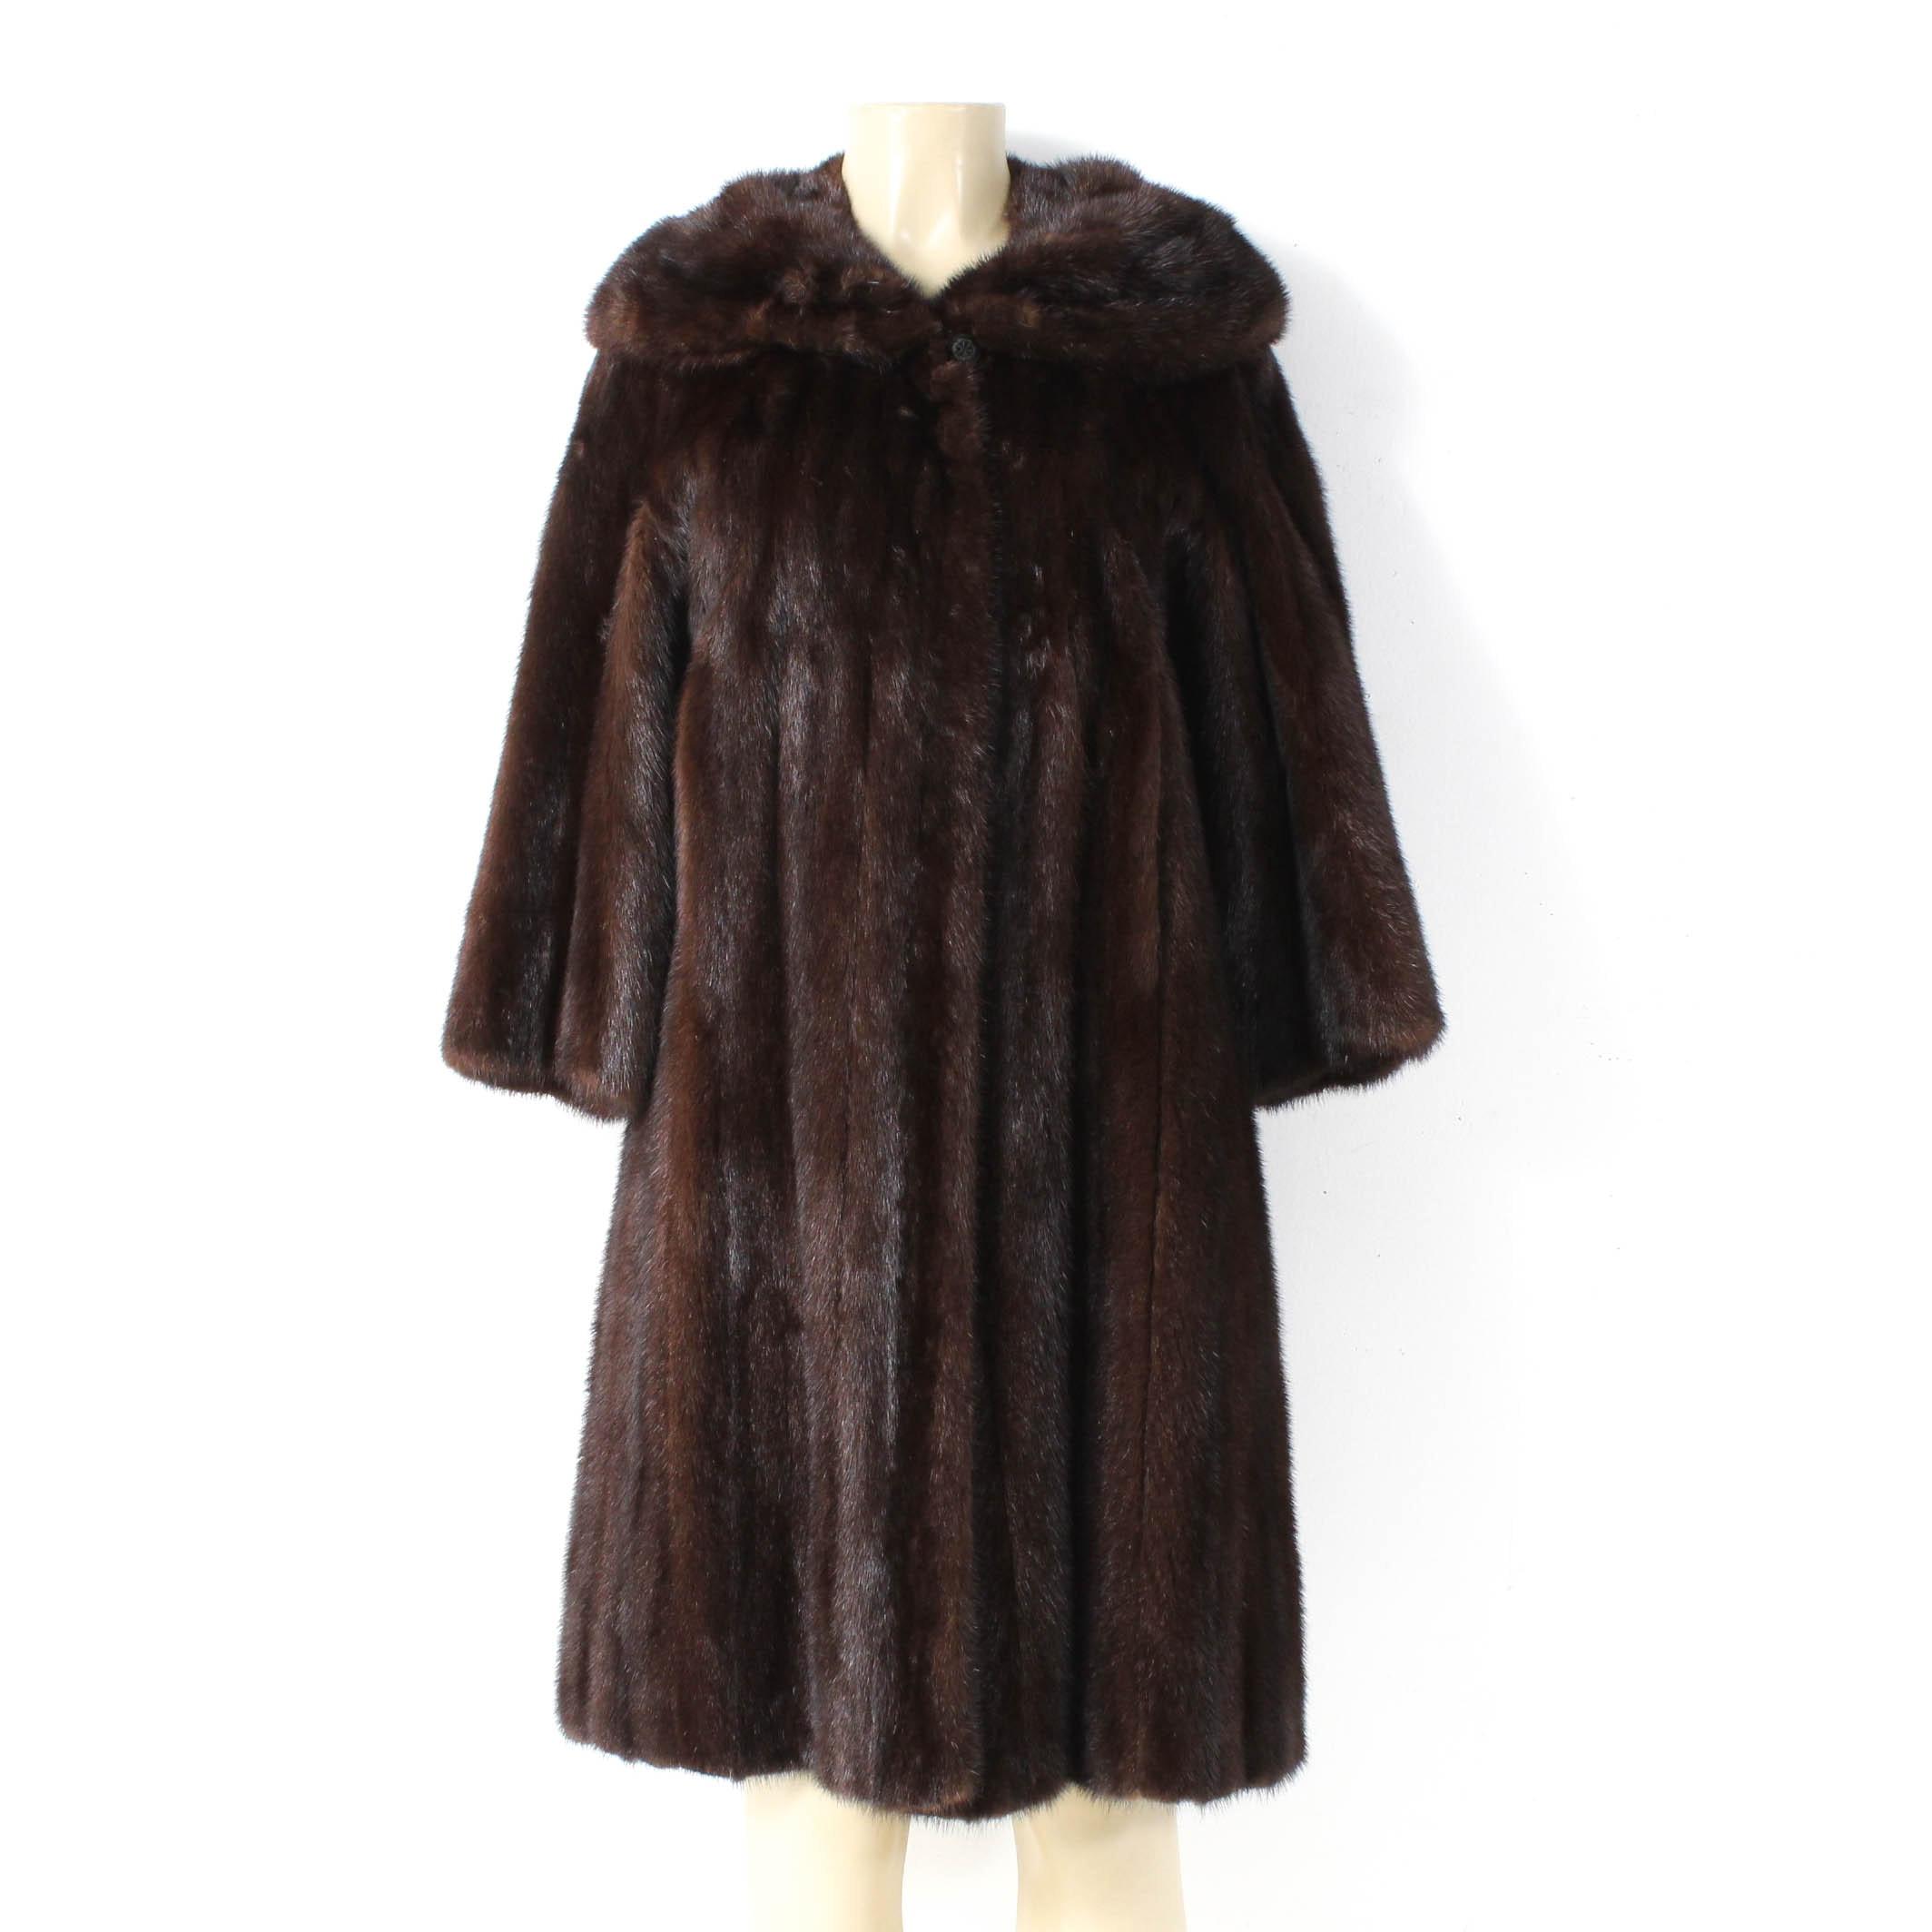 Vintage Mahogany Mink Fur Coat